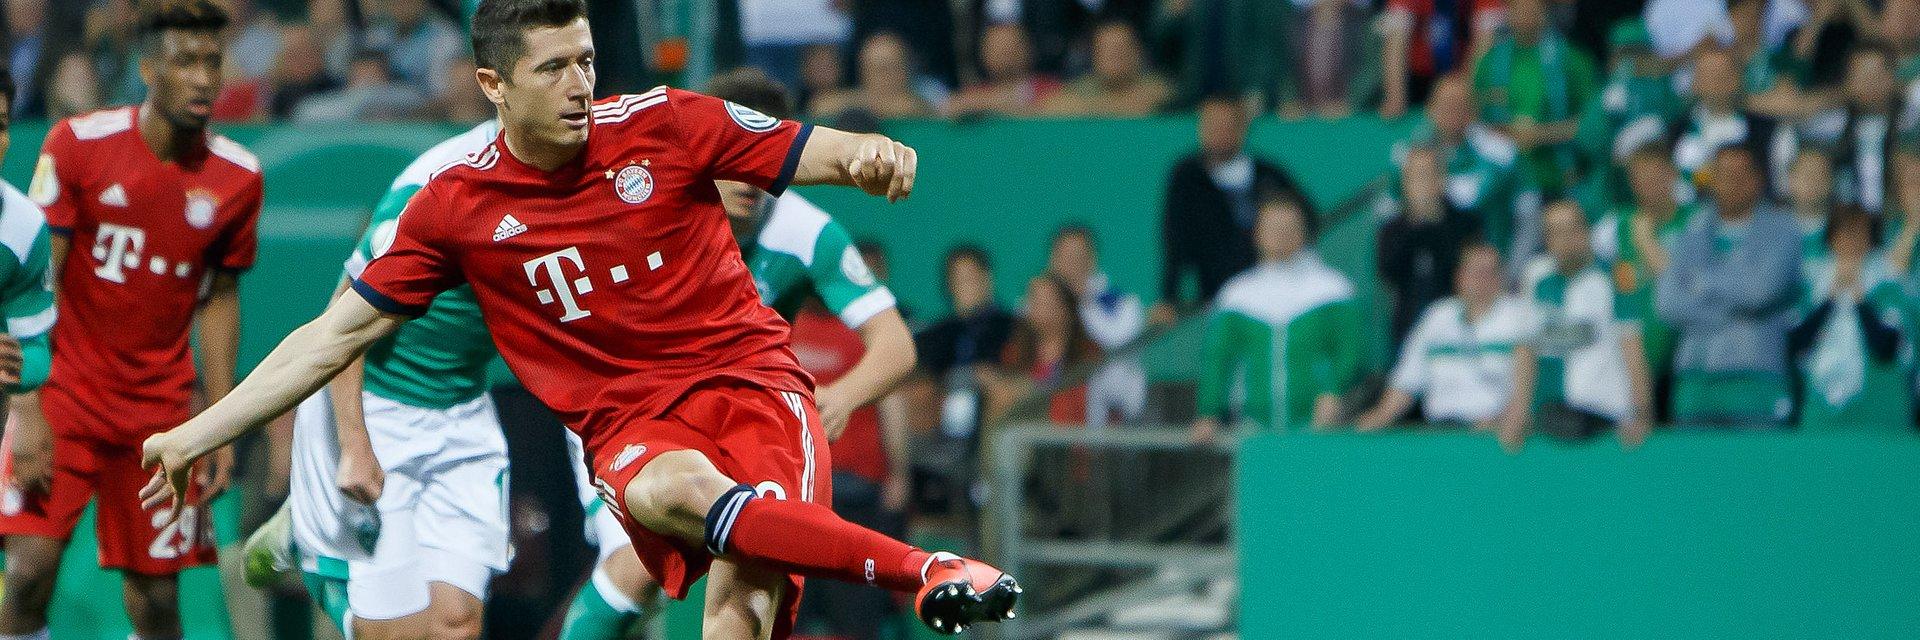 Finał Pucharu Niemiec w sobotę na żywo tylko w Eurosporcie 1!